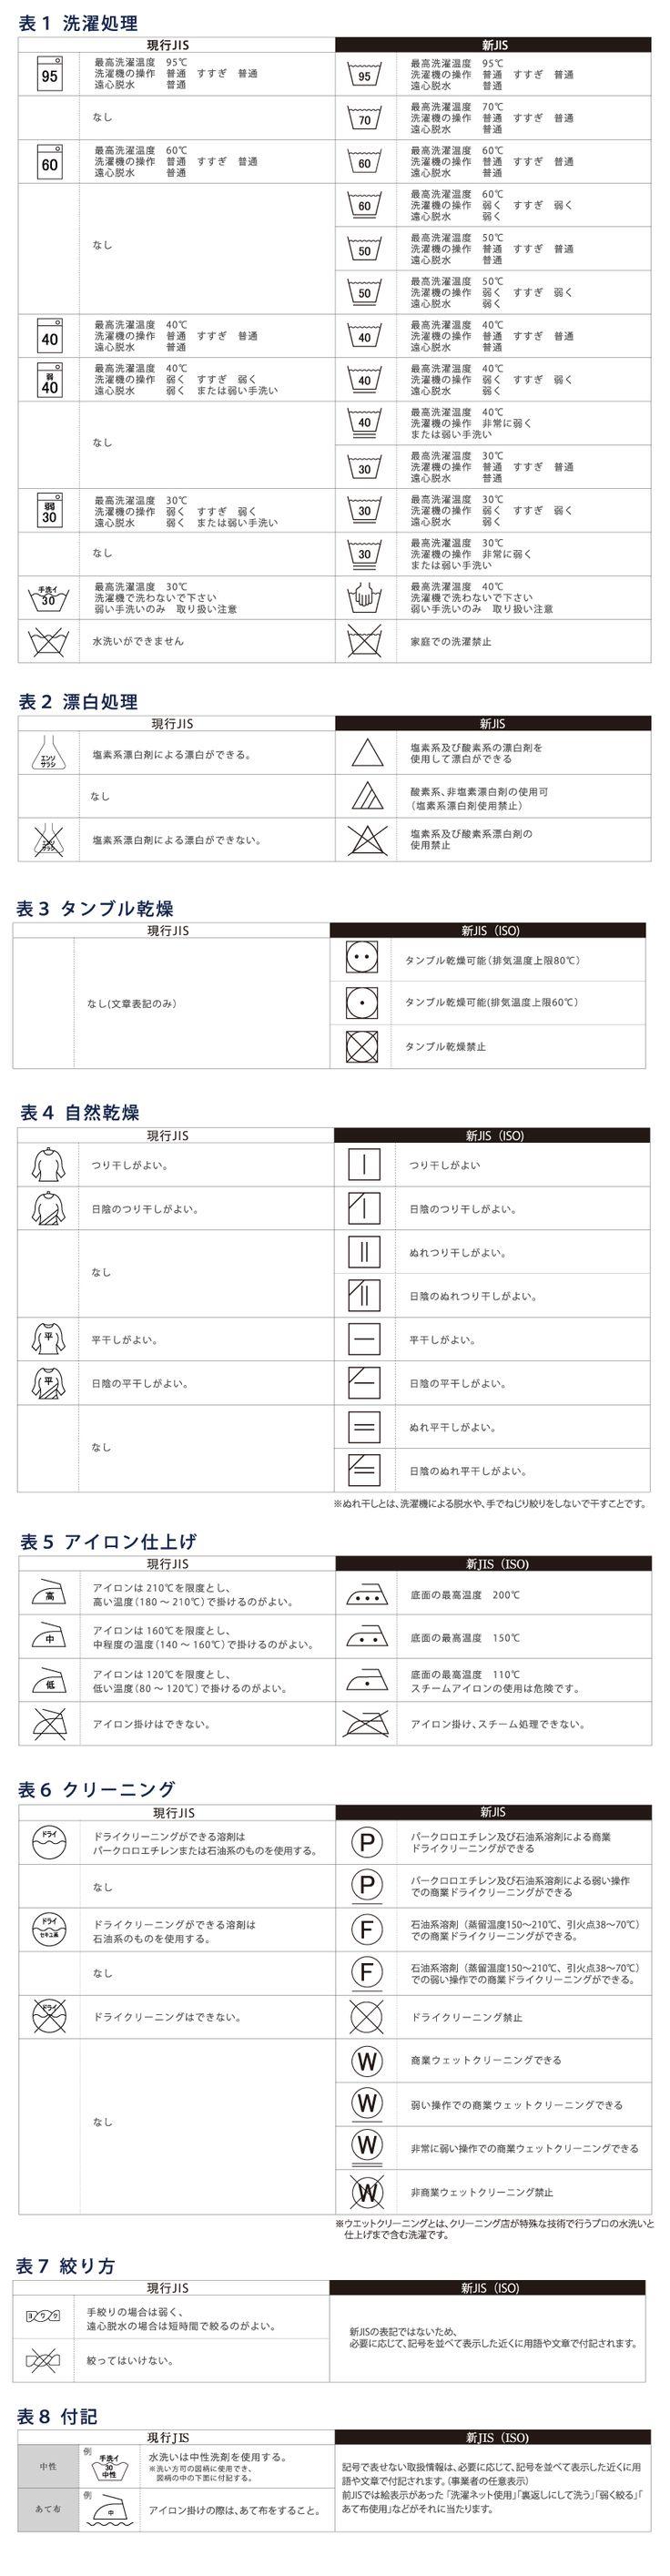 洗濯表示マークの変更(2016年12月1日より国内外で統一)「その他」のまめ知識:バーコードシールは、バーコード屋さん